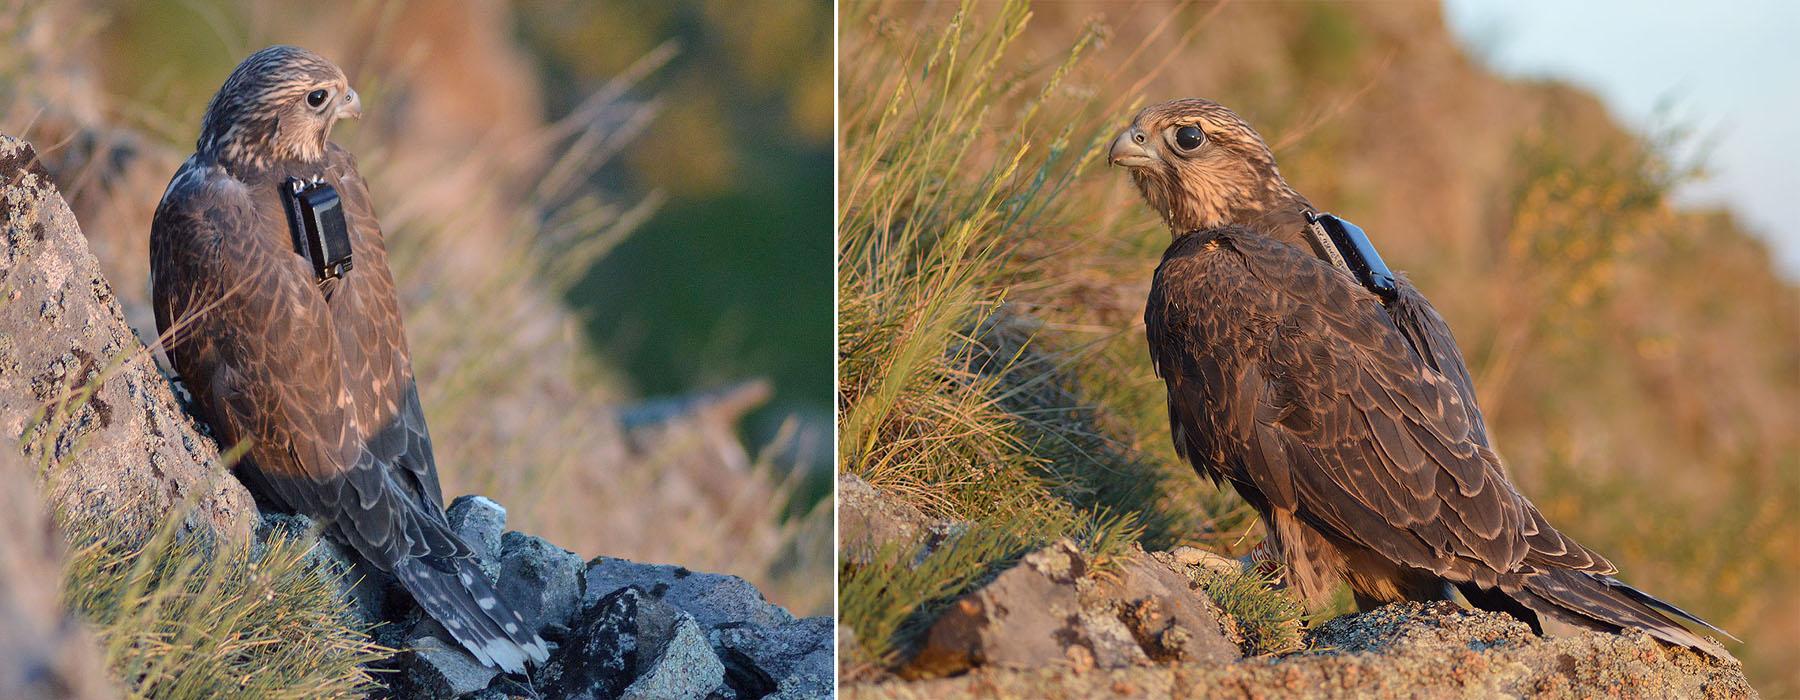 Самка балобана по имени Хакасска (слева) и самец по имени Камыш (справа). Фото И. Карякина